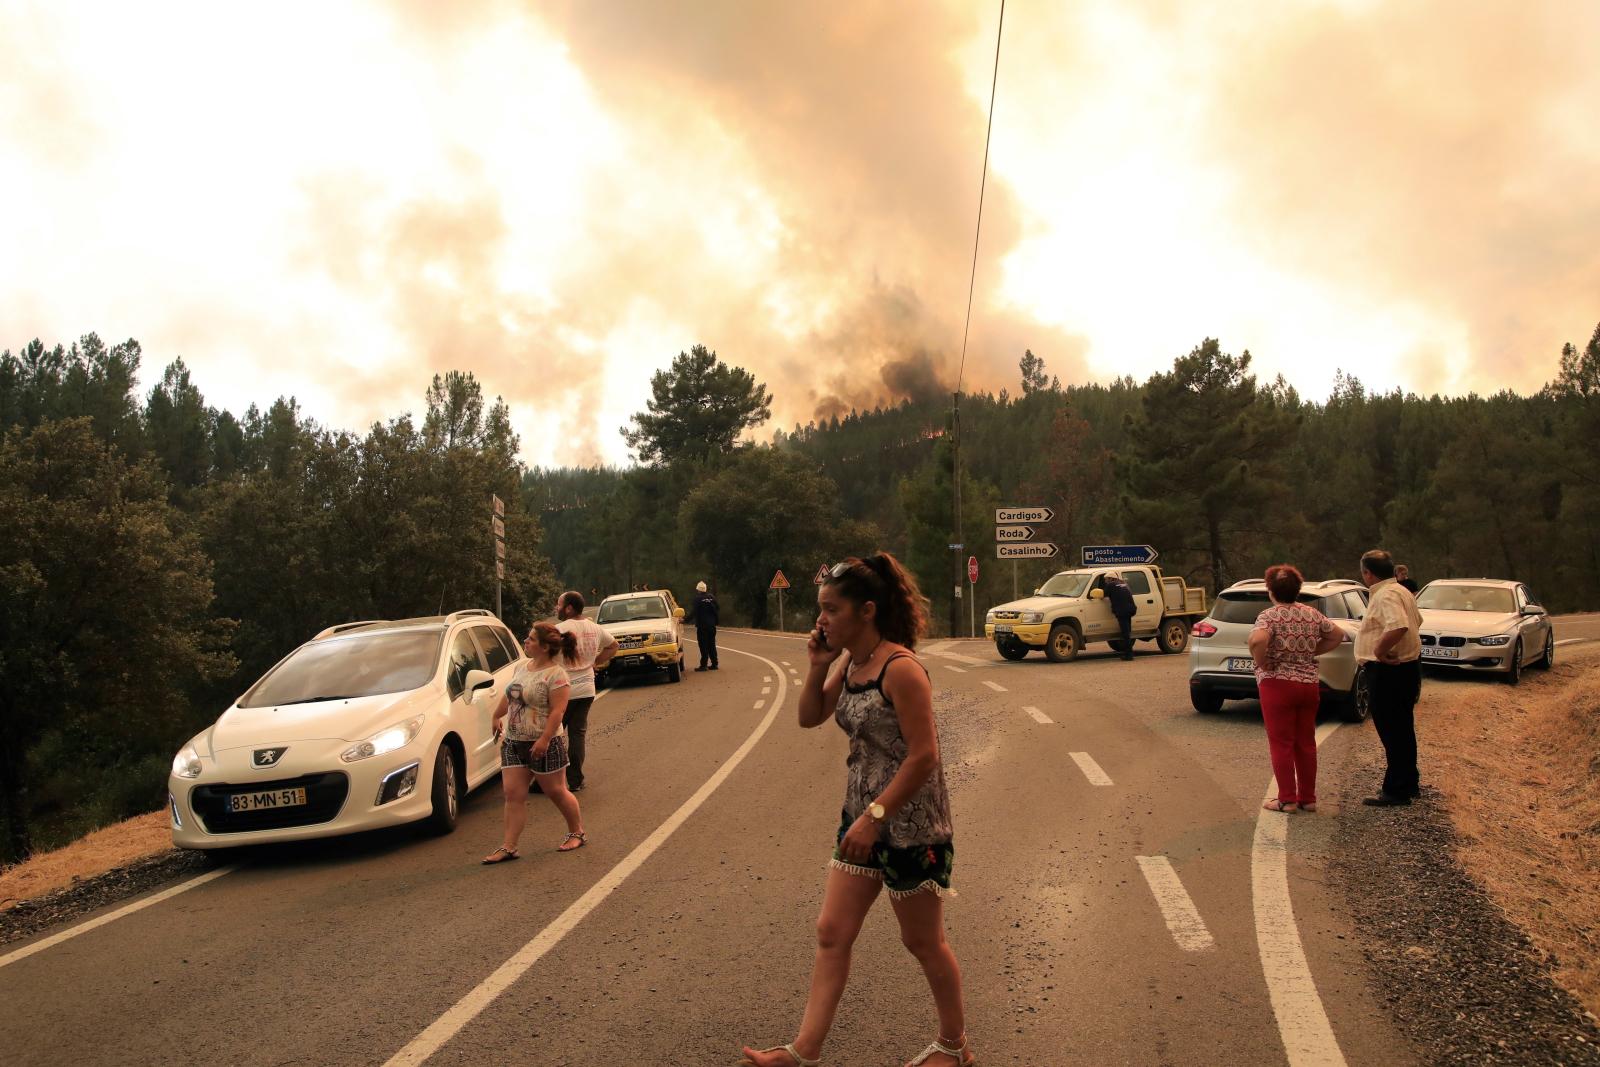 Pożar lasu w Portugalii. Fot. PAP/EPA/CARLOS GARCIA